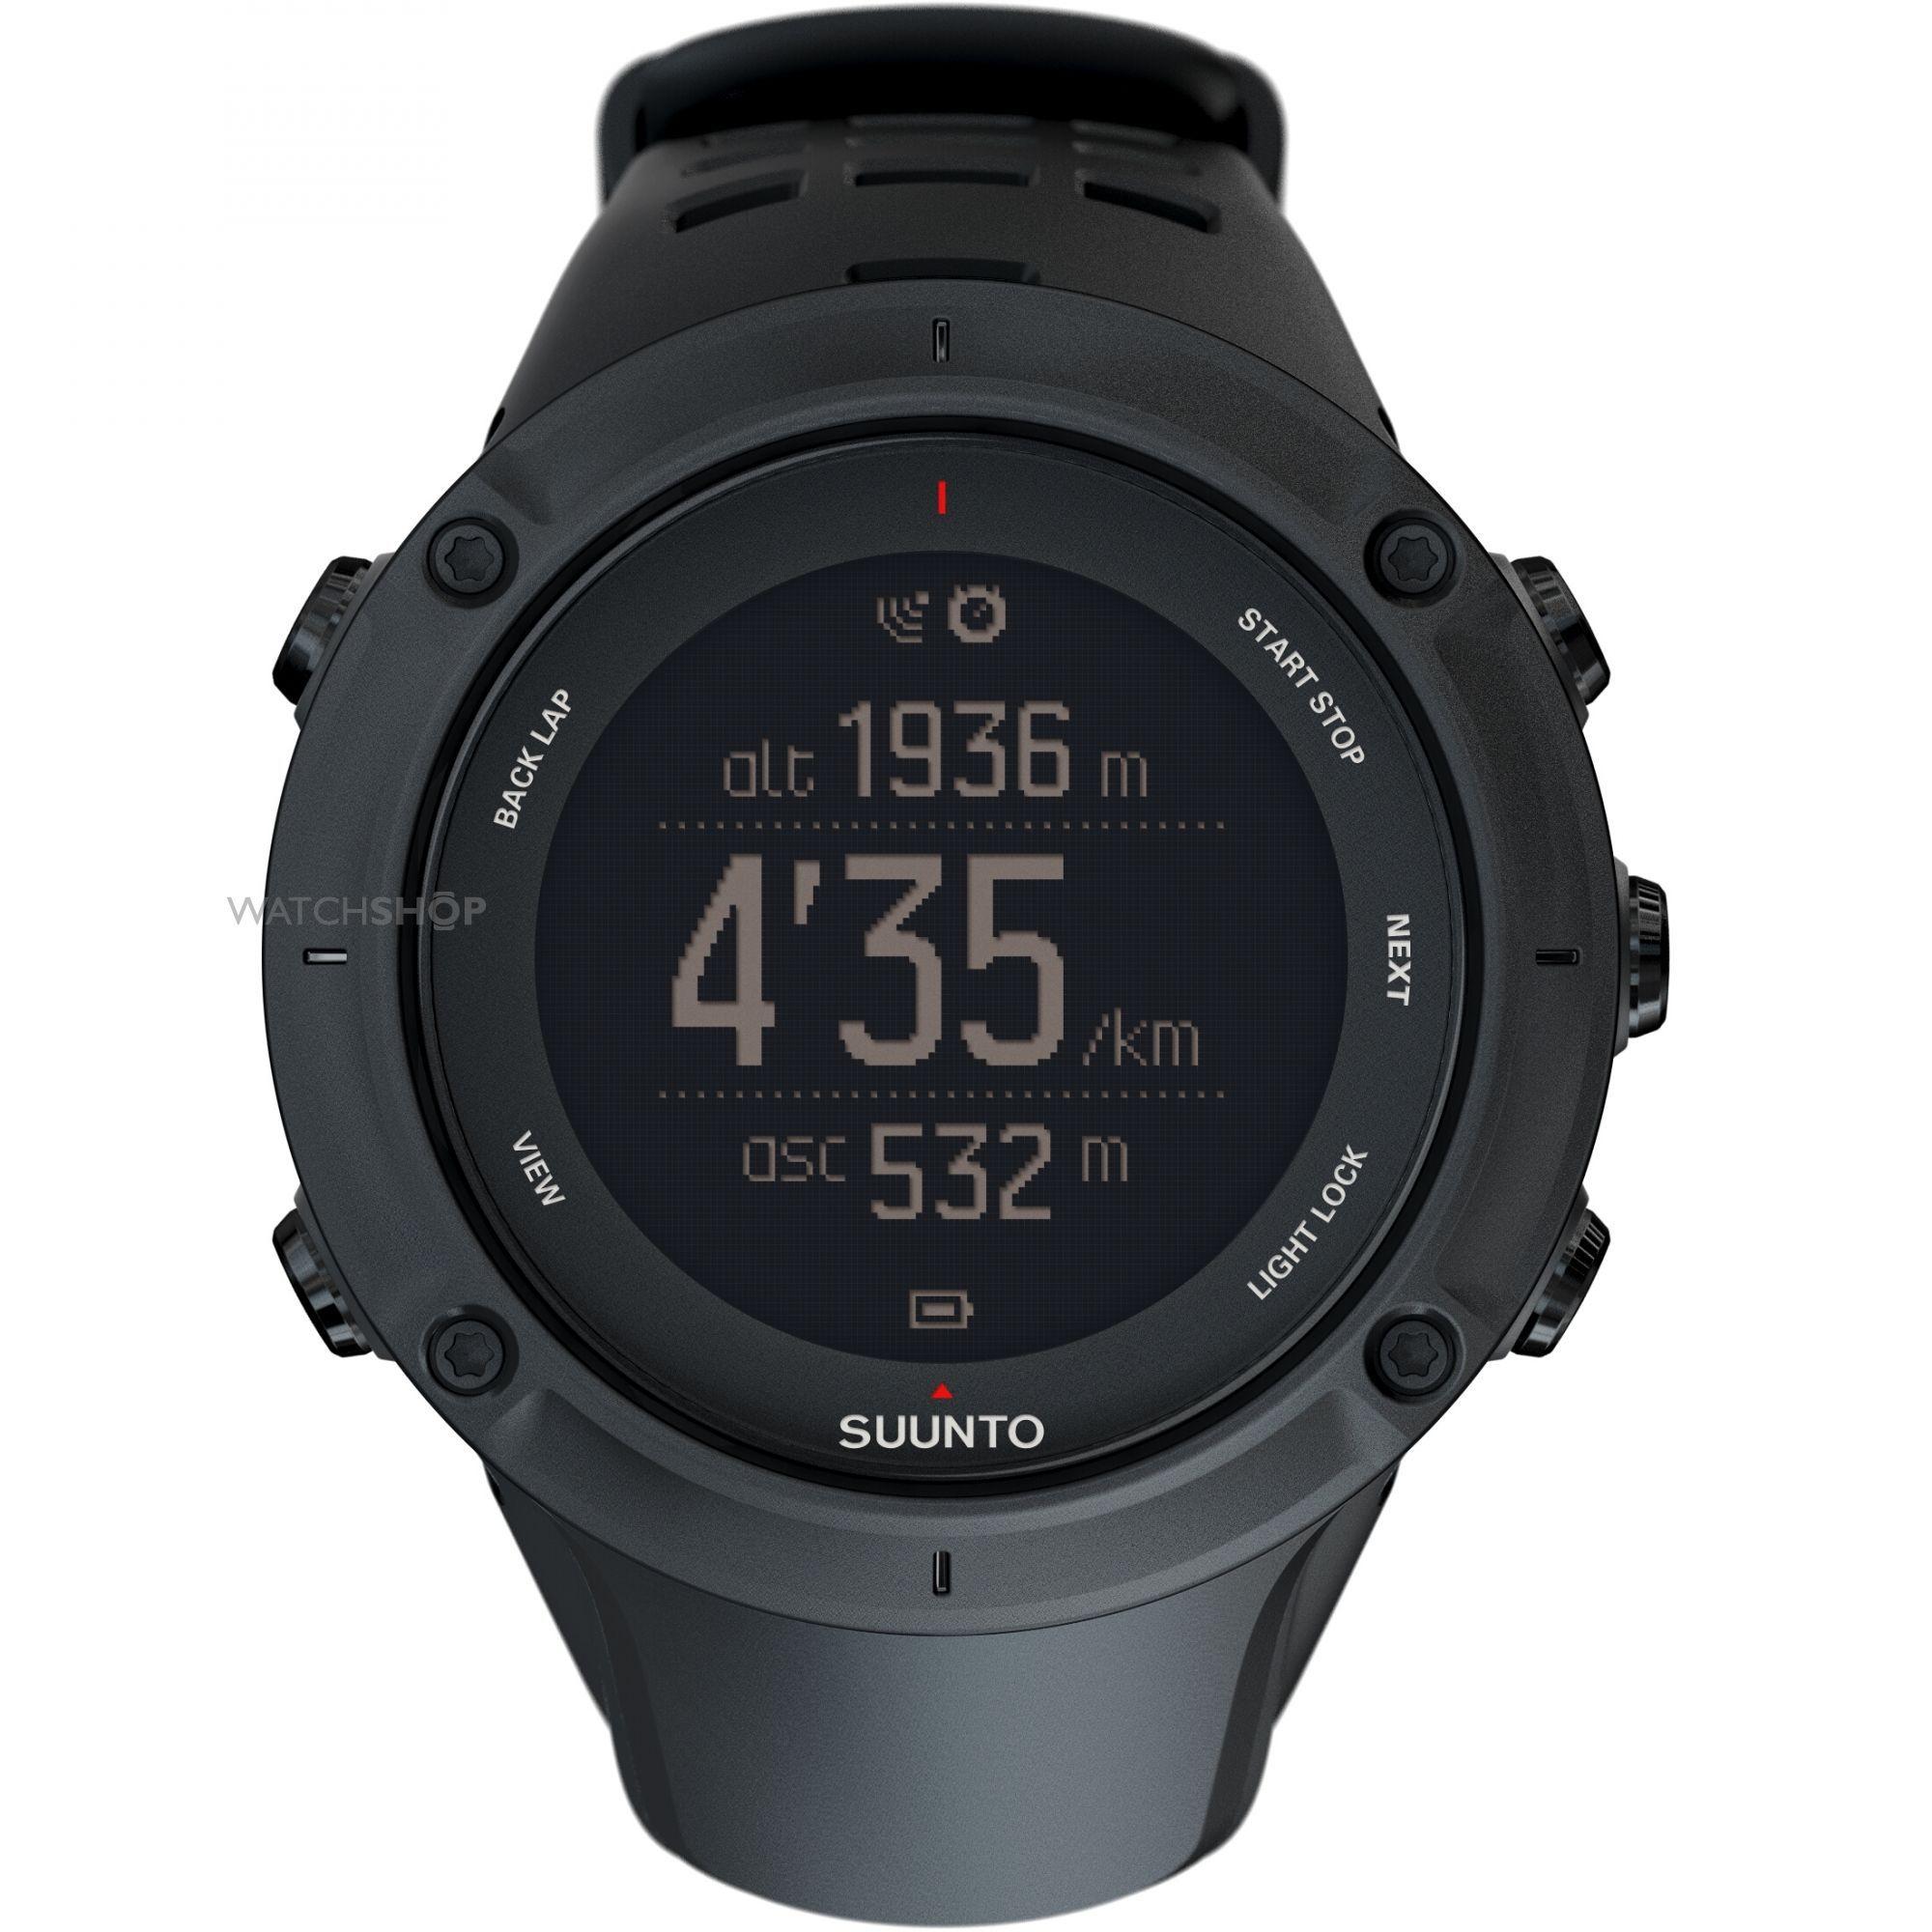 Suunto SS020677000 - мужские наручные часы из коллекции Ambit3Suunto<br>Часы для спорта и активного отдыха. GPS-навигатор, Bluetooth-связь со смартфоном и туристические датчики в одном наручном приборе. Навигация по маршруту, цифровой компас с установкой магнитного склонения, альтиметр, барометр, штормовое предупреждение, информация о приливах, время восхода/заката солнца (по карте часовых поясов на июнь 2014), термометр, прокладка маршрута, измерение скорости, темпа и пройденного расстояния, питание от велосипедного генератора. С помощью приложения Suunto Movescount и смартфона можно мгновенно передавать и публиковать ваши результаты, настраивать часы на ходу, подключать телефон в качестве второго экрана, просматривать вызовы, сообщения и push-уведомления на часах. Актуализация сведений о точном времени и данных со спутников GPS на ходу. Также вы сможете делать во время тренировки заметки, на которых будет отображаться текущая скорость, расстояние и другие сведения, , а также мгновенно делится своими спортивными успехами в социальных сетях. Время работы аккумуляторной батареи в режиме текущего времени 30 дней, со включенным GPS до 50 часов. Индикатор заряда батареи. Переключаемый циферблат (черные цифры на светлом фоне или наоборот). Светодиодная настраиваемая подсветка. Будильник, таймер, секундомер, автоматический календарь, время второго часового пояса. Диаметр корпуса 50мм., толщина 18 мм. Вес 89 гр.<br><br>Бренд: Suunto<br>Модель: Suunto Ambit3 Peak Black<br>Артикул: SS020677000<br>Вариант артикула: None<br>Коллекция: Ambit3<br>Подколлекция: None<br>Страна: Финляндия<br>Пол: мужские<br>Тип механизма: кварцевые<br>Механизм: None<br>Количество камней: None<br>Автоподзавод: None<br>Источник энергии: None<br>Срок службы элемента питания: None<br>Дисплей: цифры<br>Цифры: None<br>Водозащита: WR 100<br>Противоударные: None<br>Материал корпуса: пластик<br>Материал браслета: None<br>Материал безеля: None<br>Стекло: минеральное<br>Антибликовое покрытие: None<br>Цвет кор